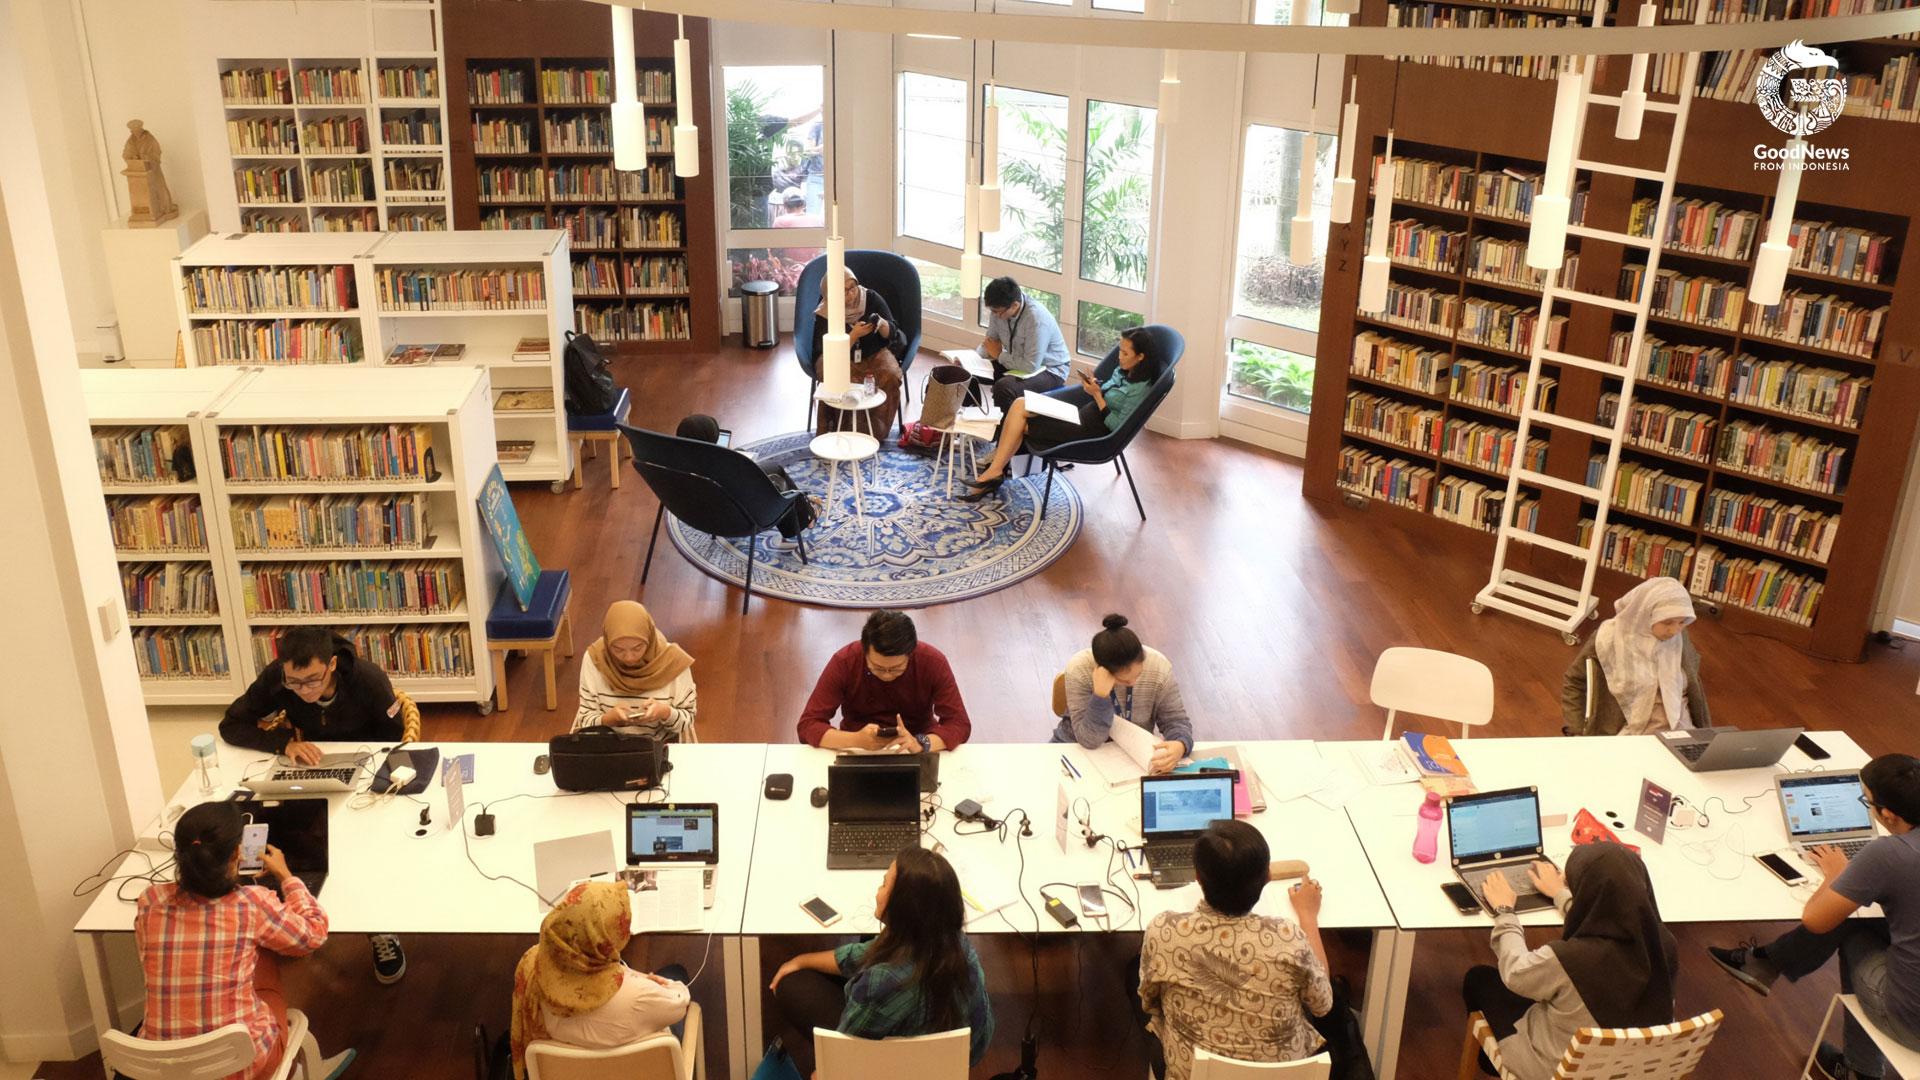 Fasilitas yang ada di Perpustakaan Erasmus Huis   Foto: Novita Caesaria/ GNFI